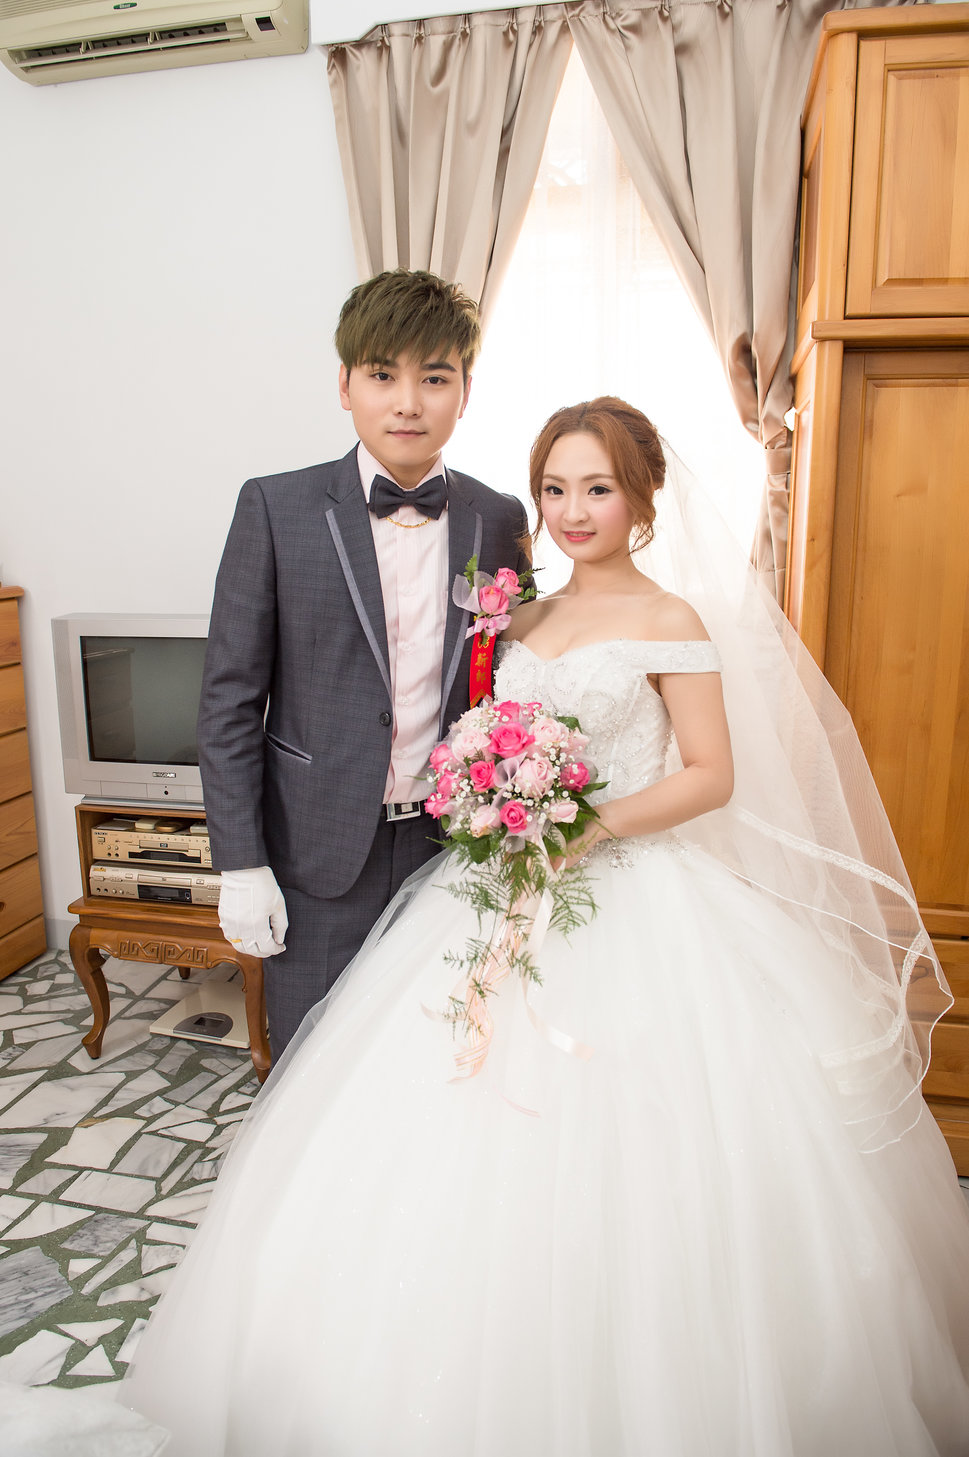 [台北婚攝] 訂婚迎娶儀式@雙岩龍鳳城(編號:432300) - LoveStoryAllen IMAGE - 結婚吧一站式婚禮服務平台